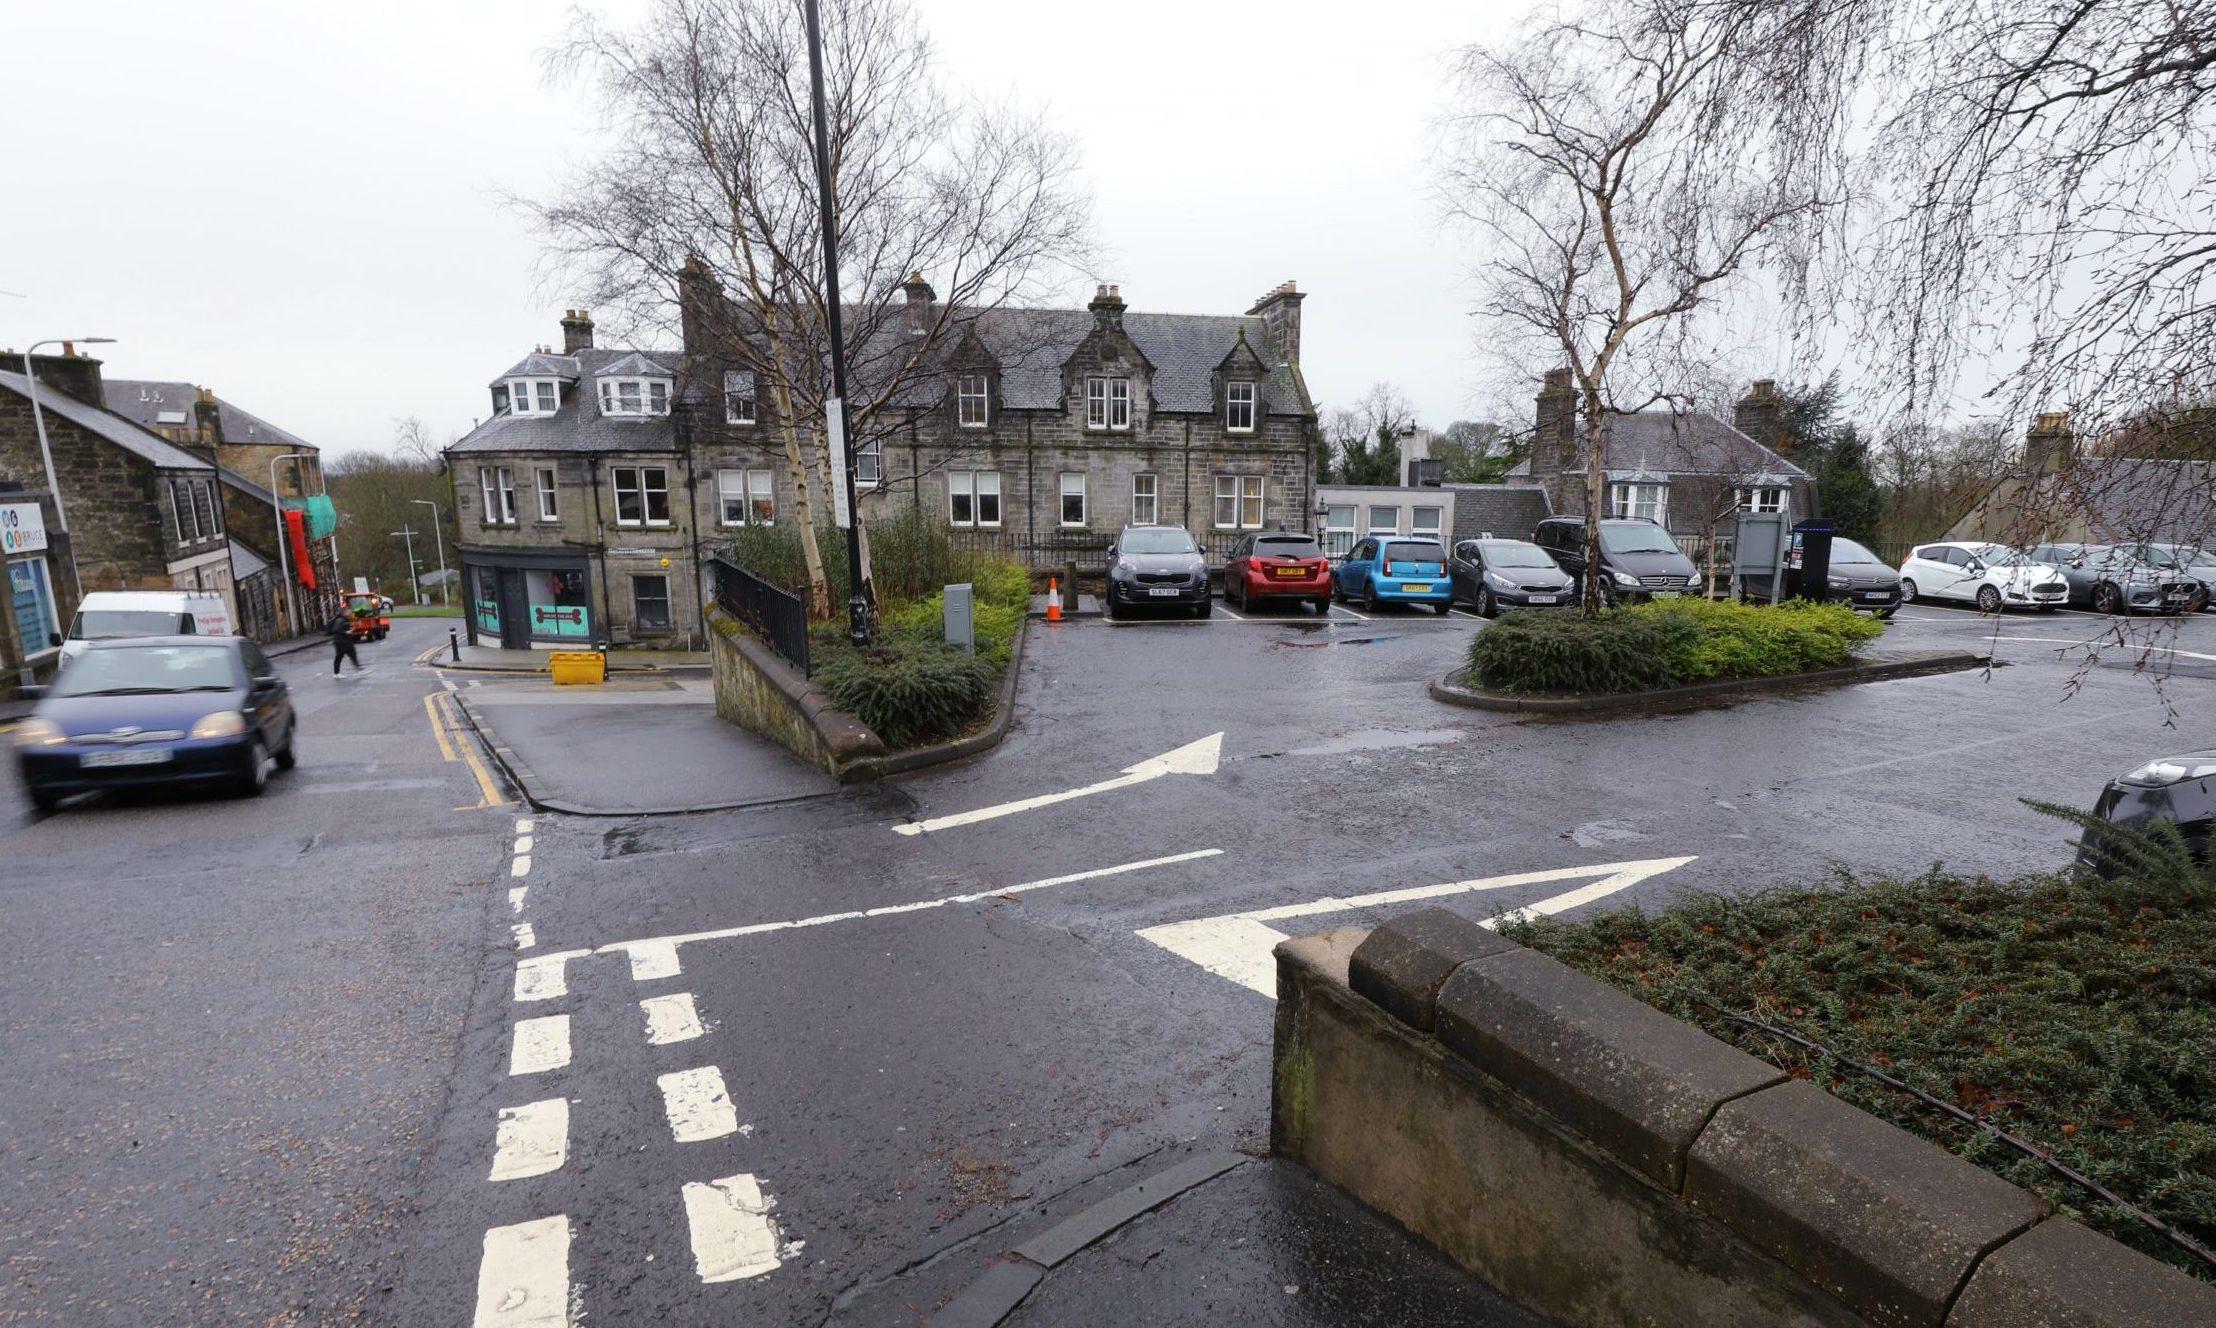 St Margaret Street in Dunfermline, where a pedestrian was fatally injured.